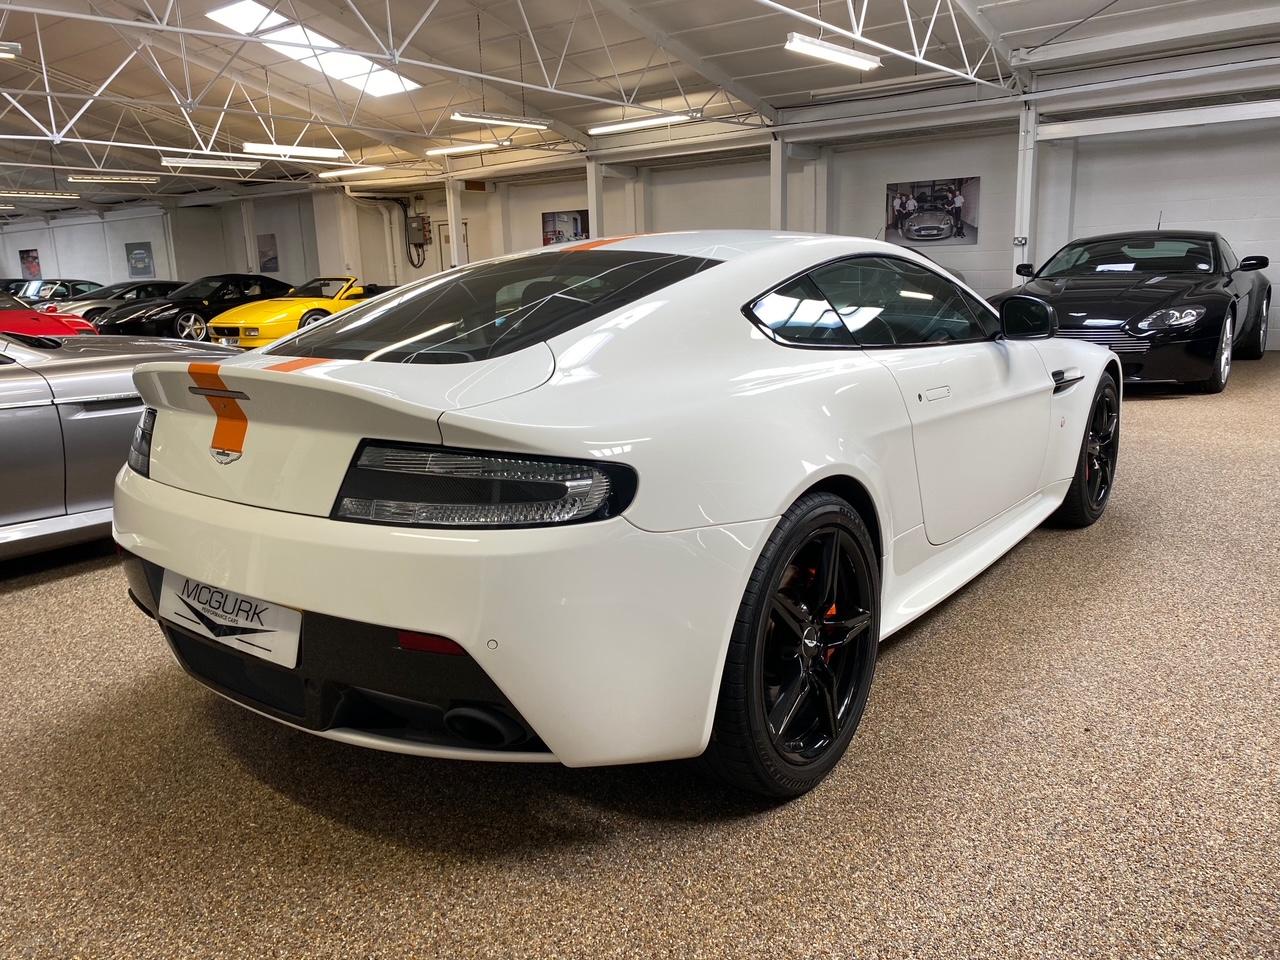 Used V8 Vantage AMR for sale